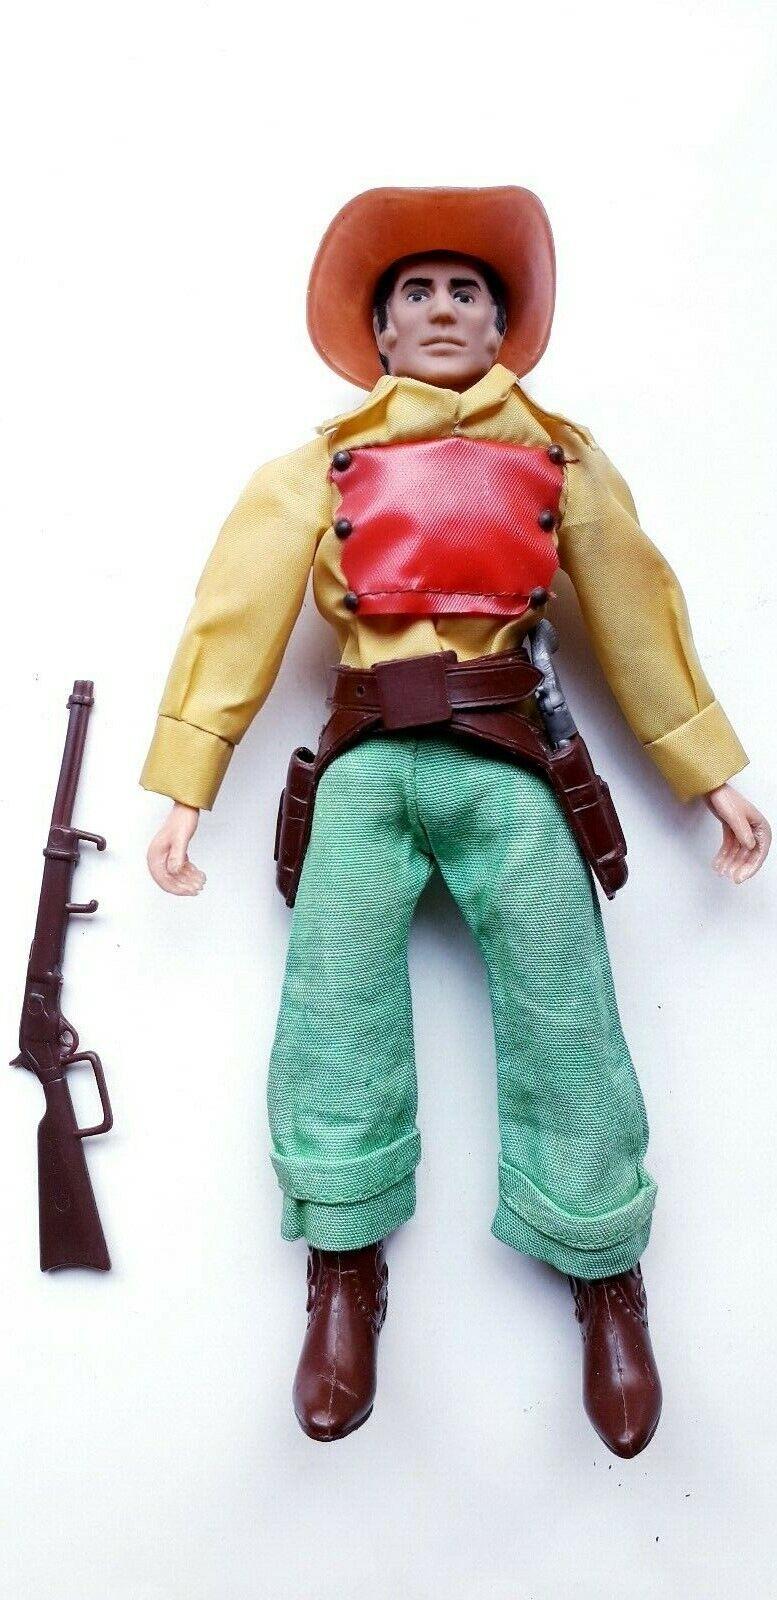 Mego Tex Kit Willer Baravelli Action Figure Vintage 1972